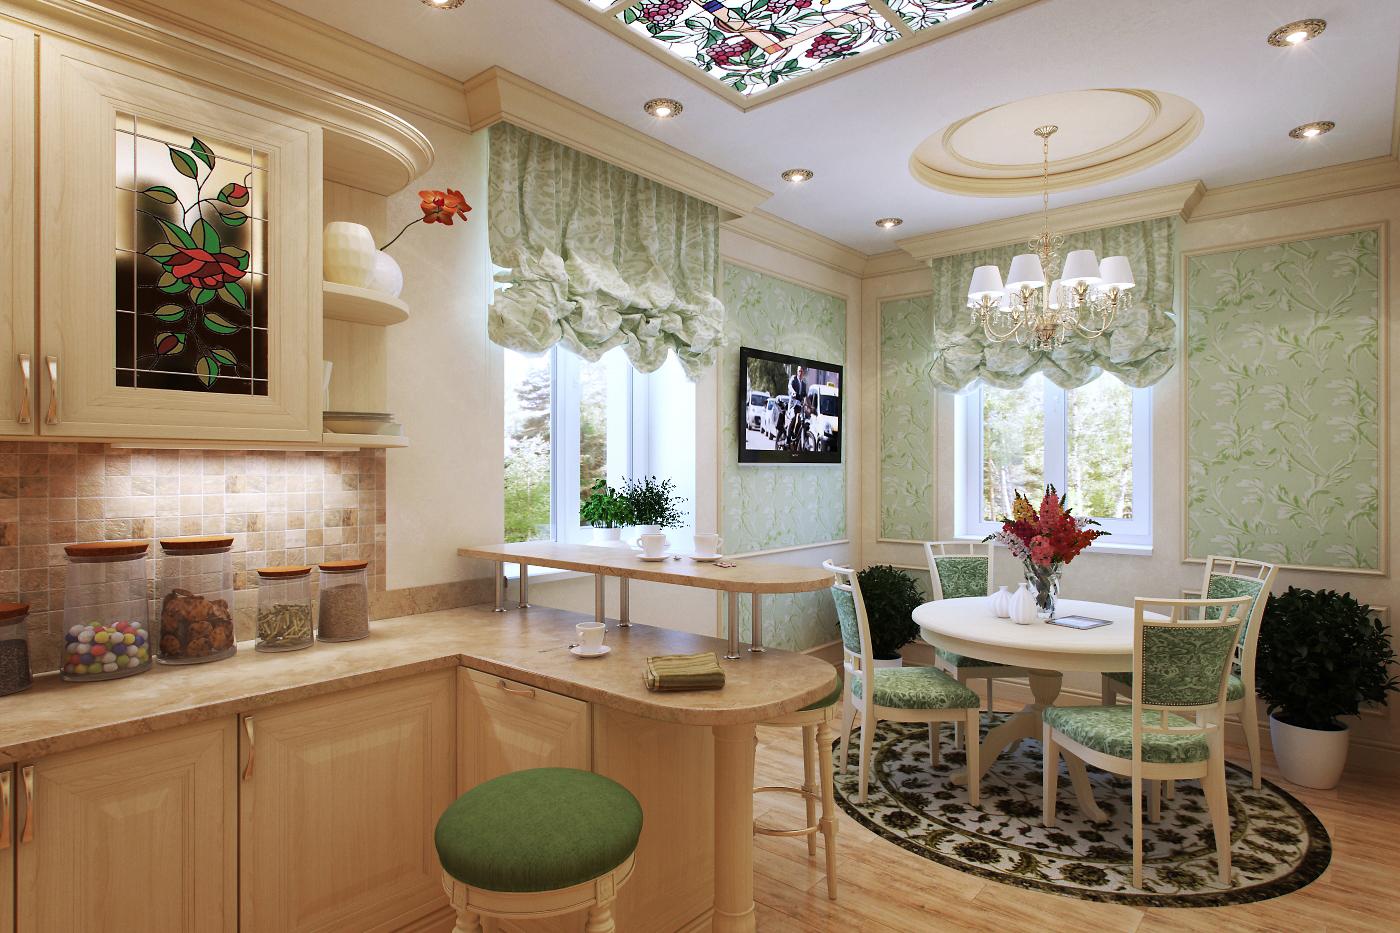 дизайн кухни-столовой-гостиной с барной стойкой в частном доме фото